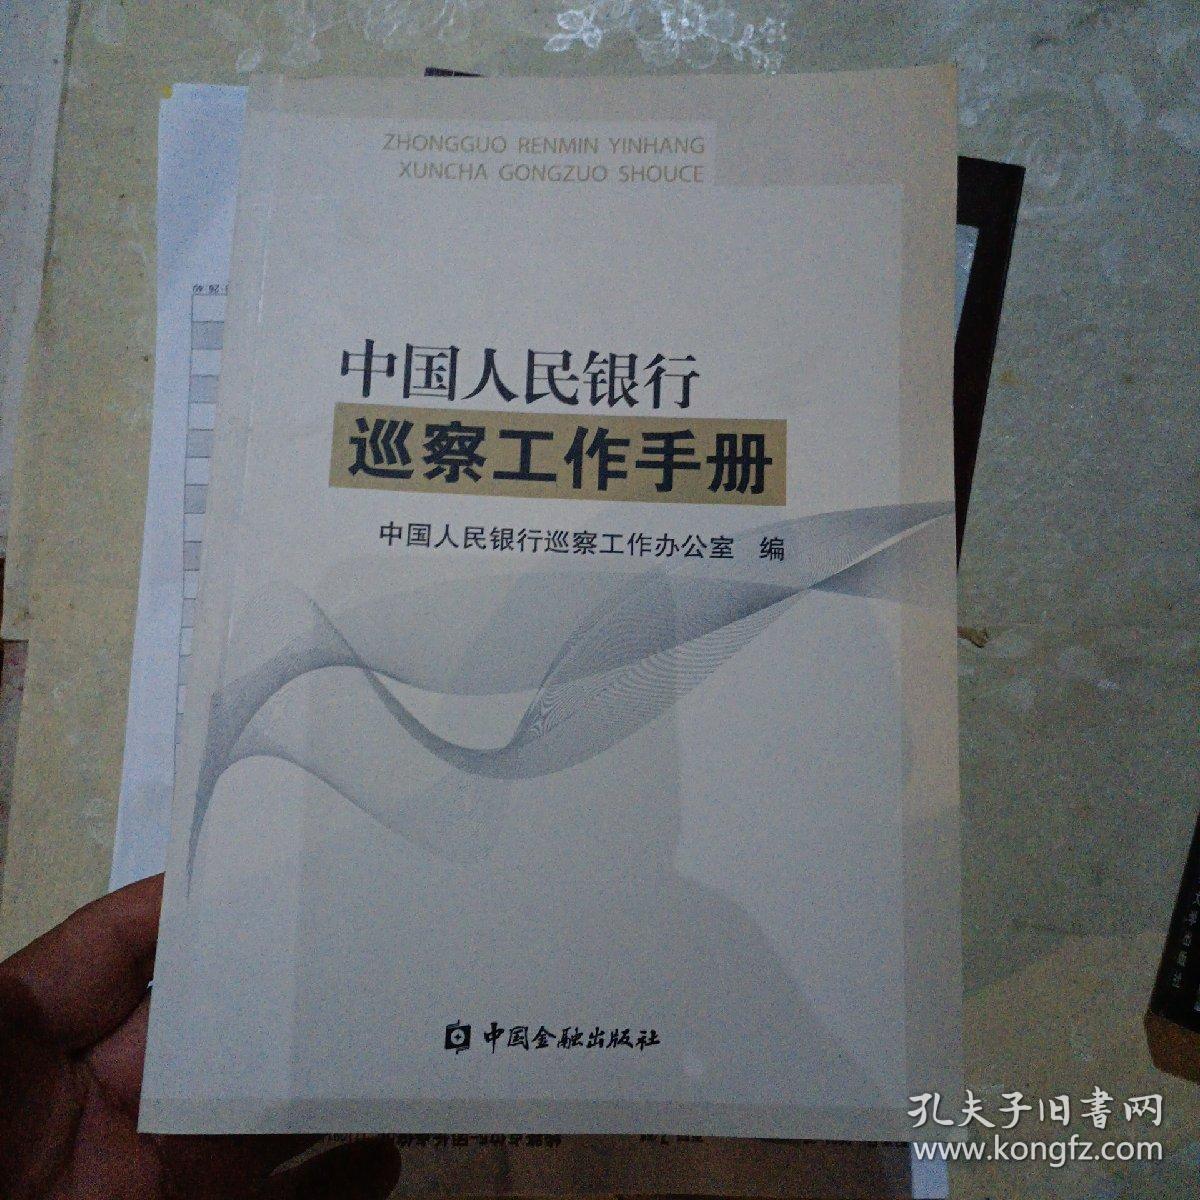 中国人民银行巡察工作手册